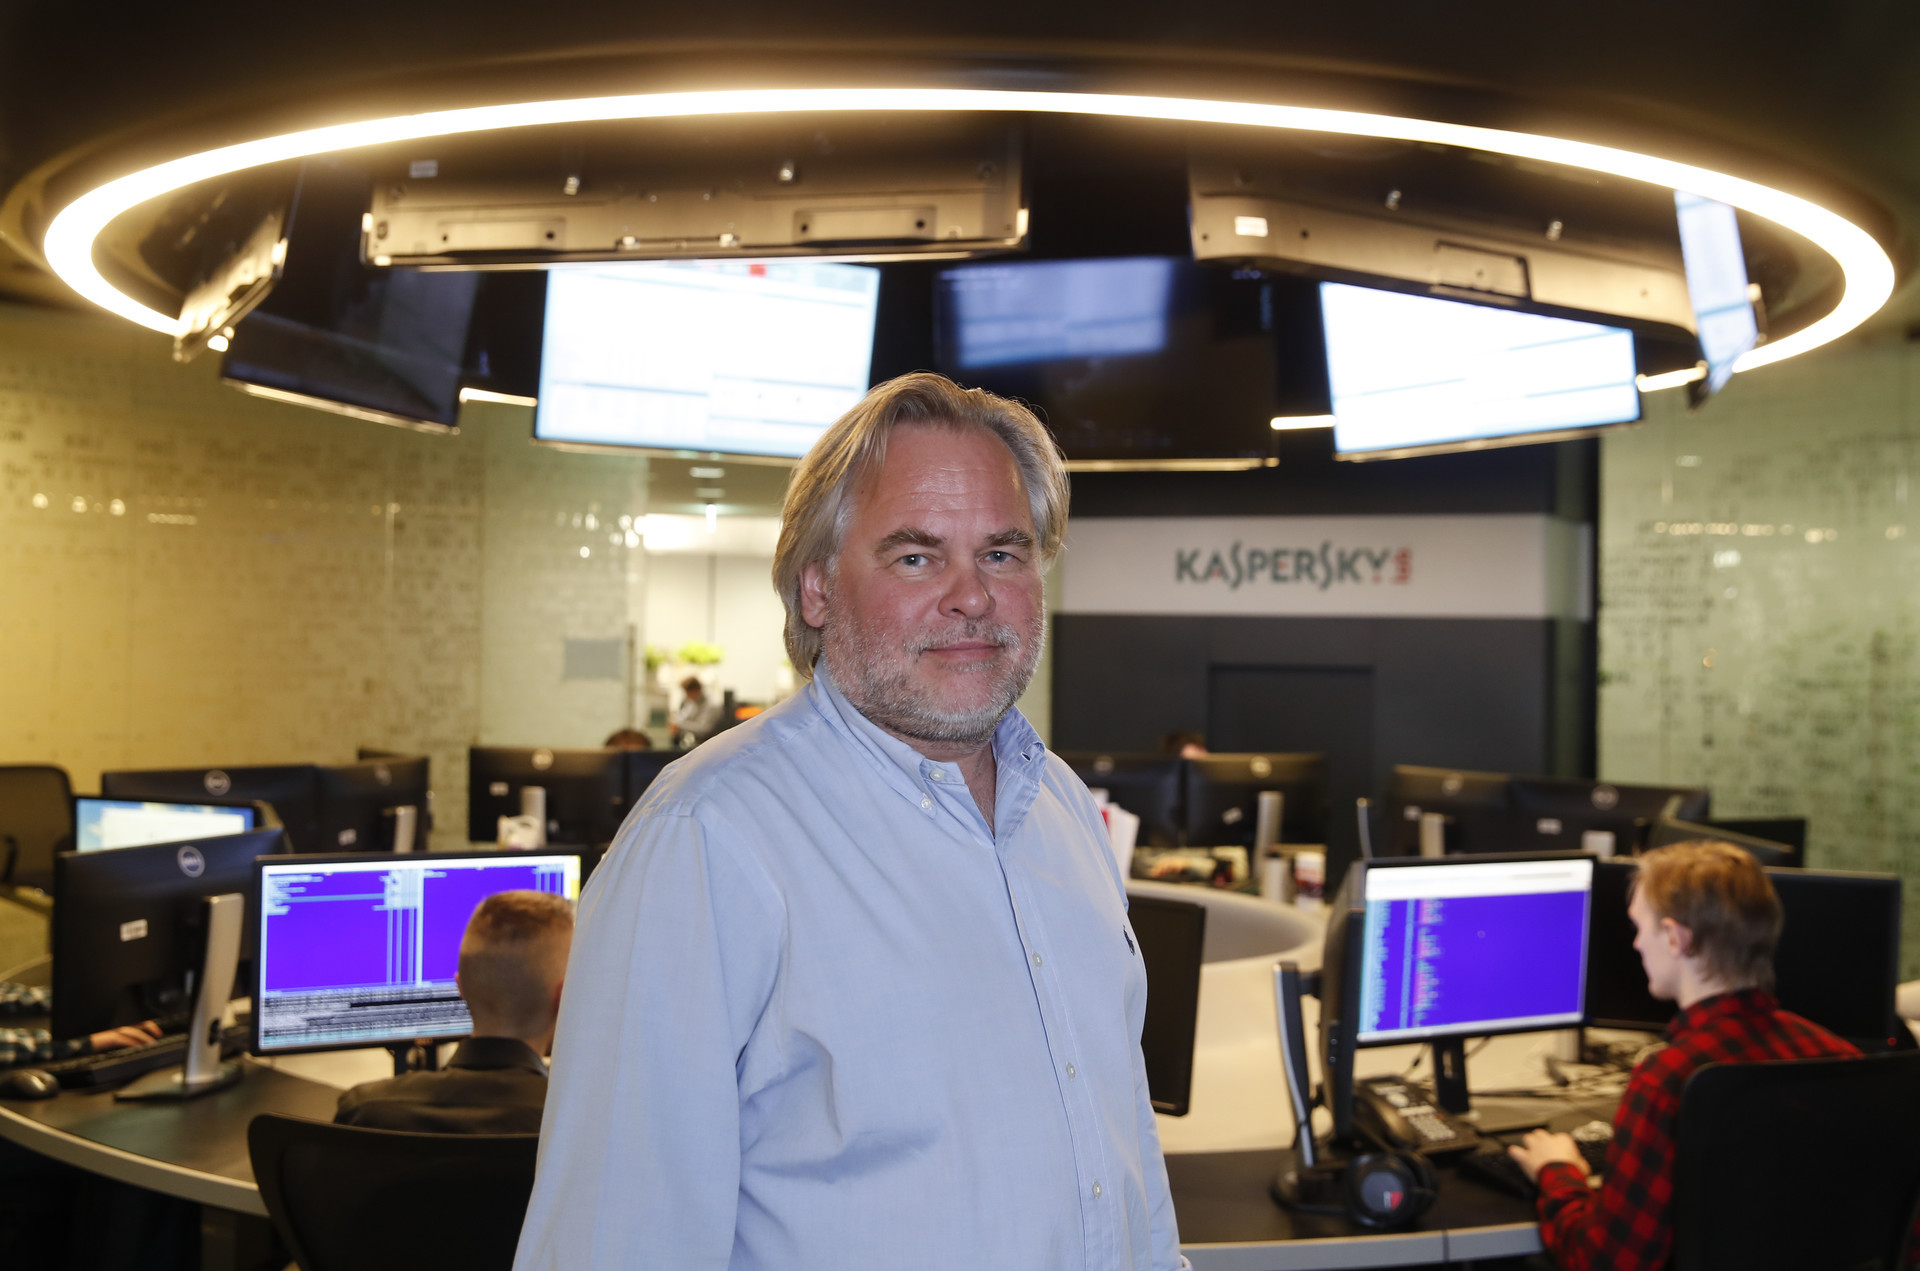 Evguêni Kaspersky, CEO da empresa russa, comparou ações americanas com